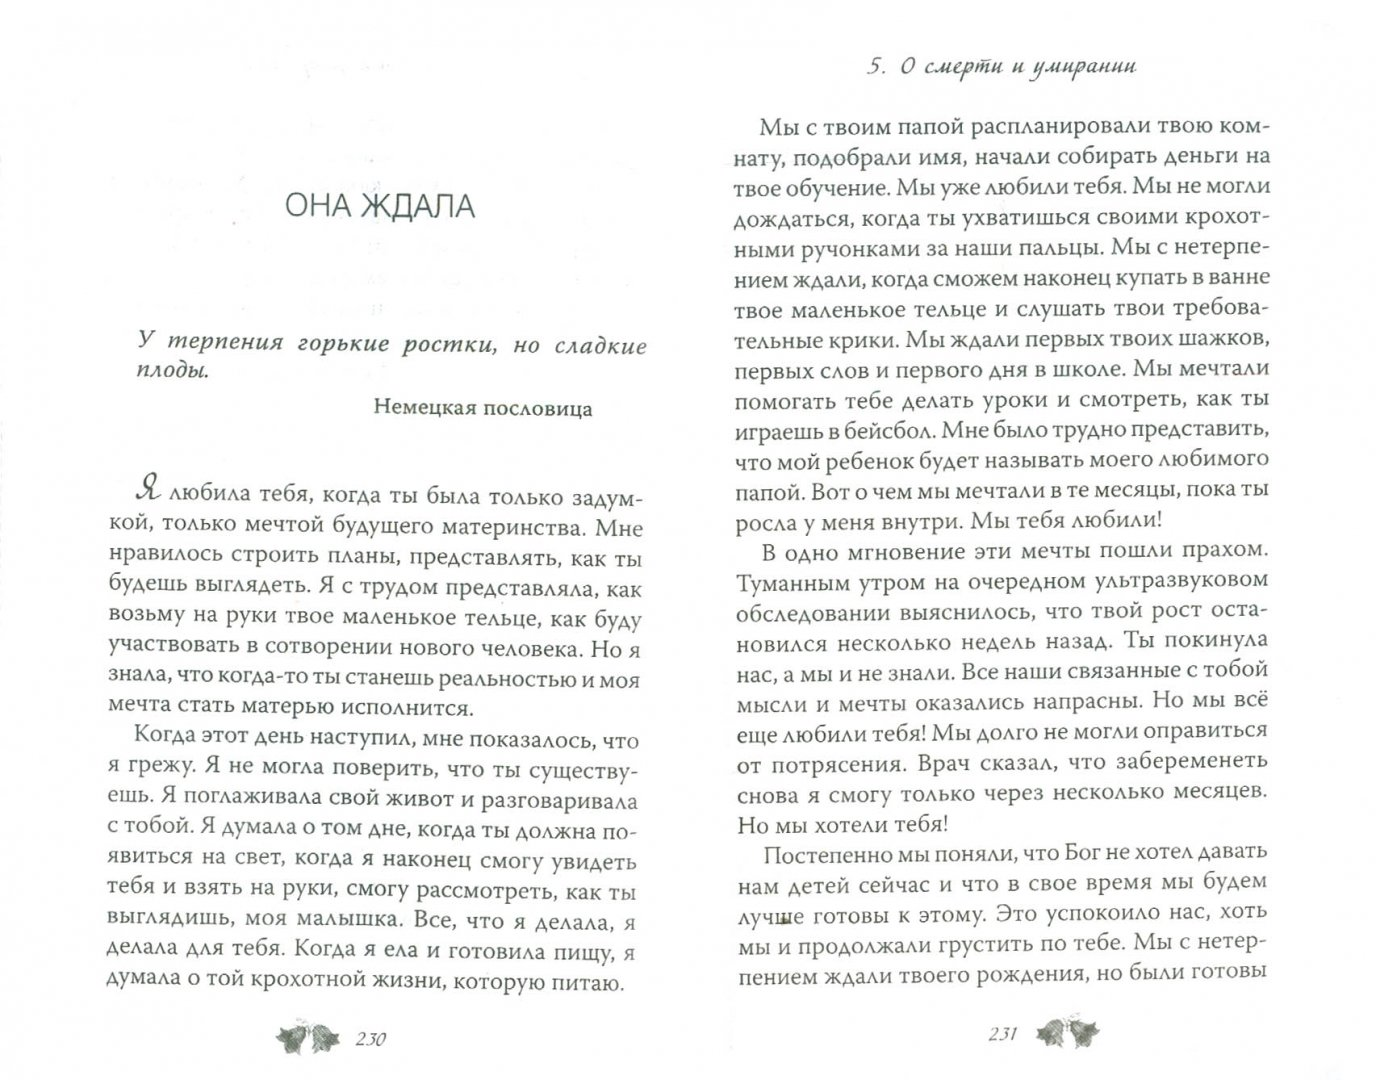 Иллюстрация 1 из 5 для Бальзам для души. Встреча четвертая - Кэнфилд, Хансен | Лабиринт - книги. Источник: Лабиринт